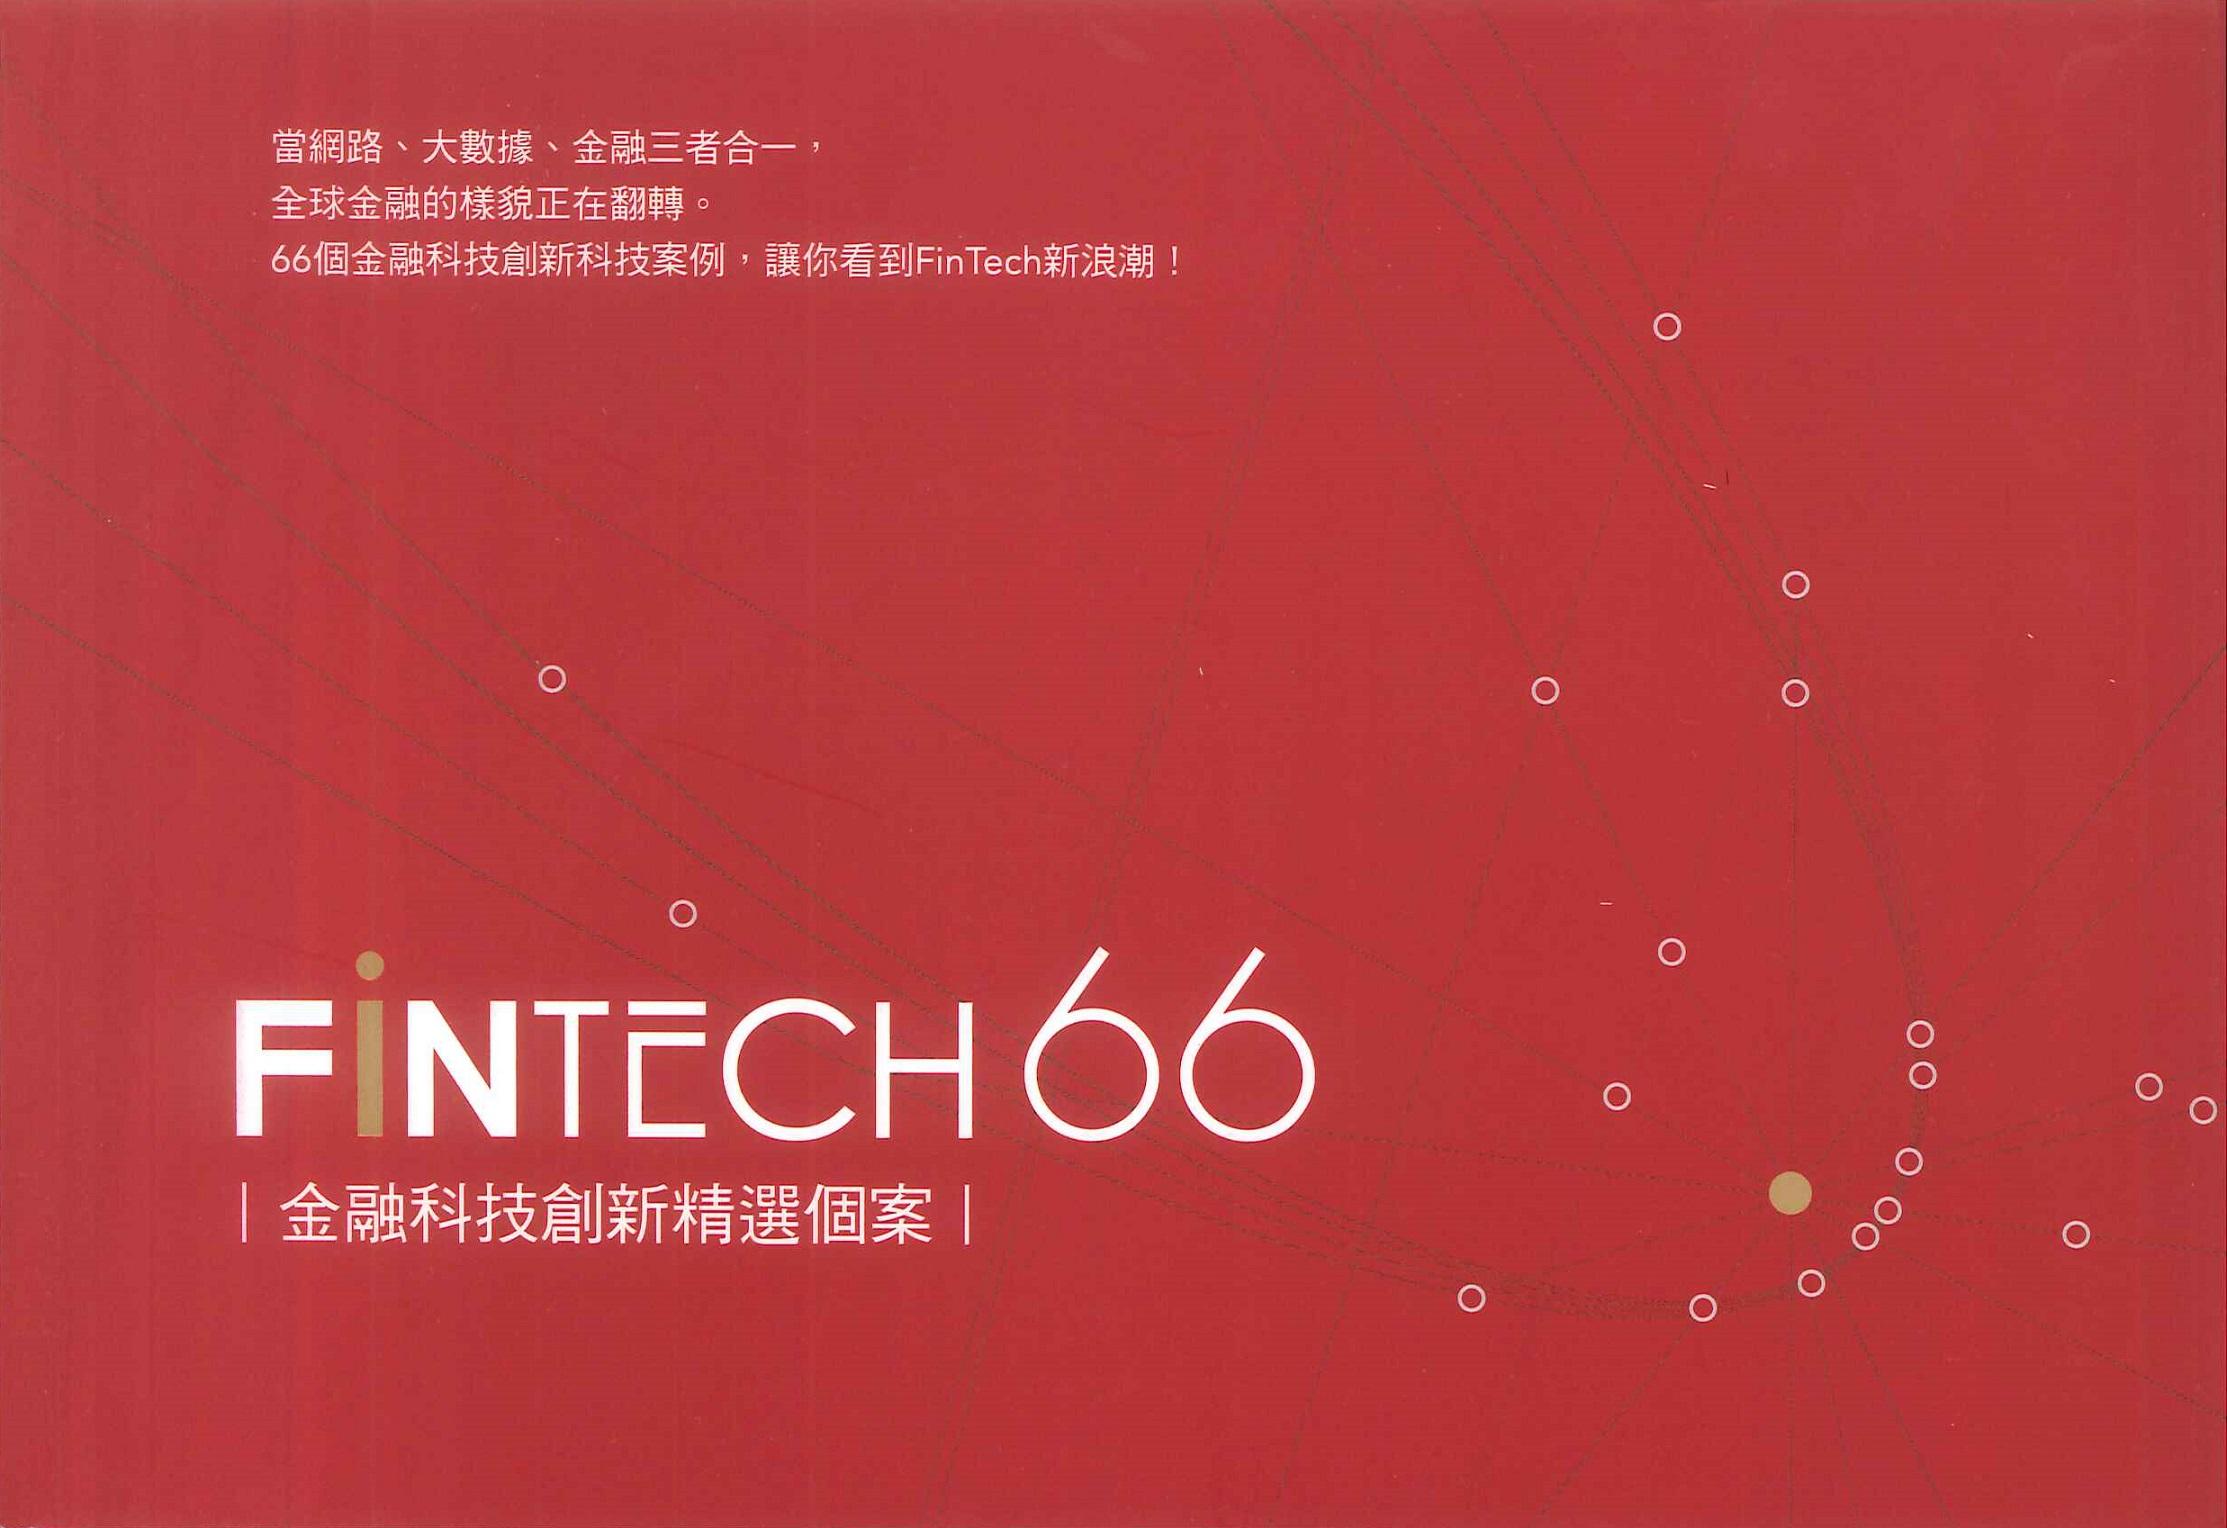 Fintech 66:金融科技創新精選個案